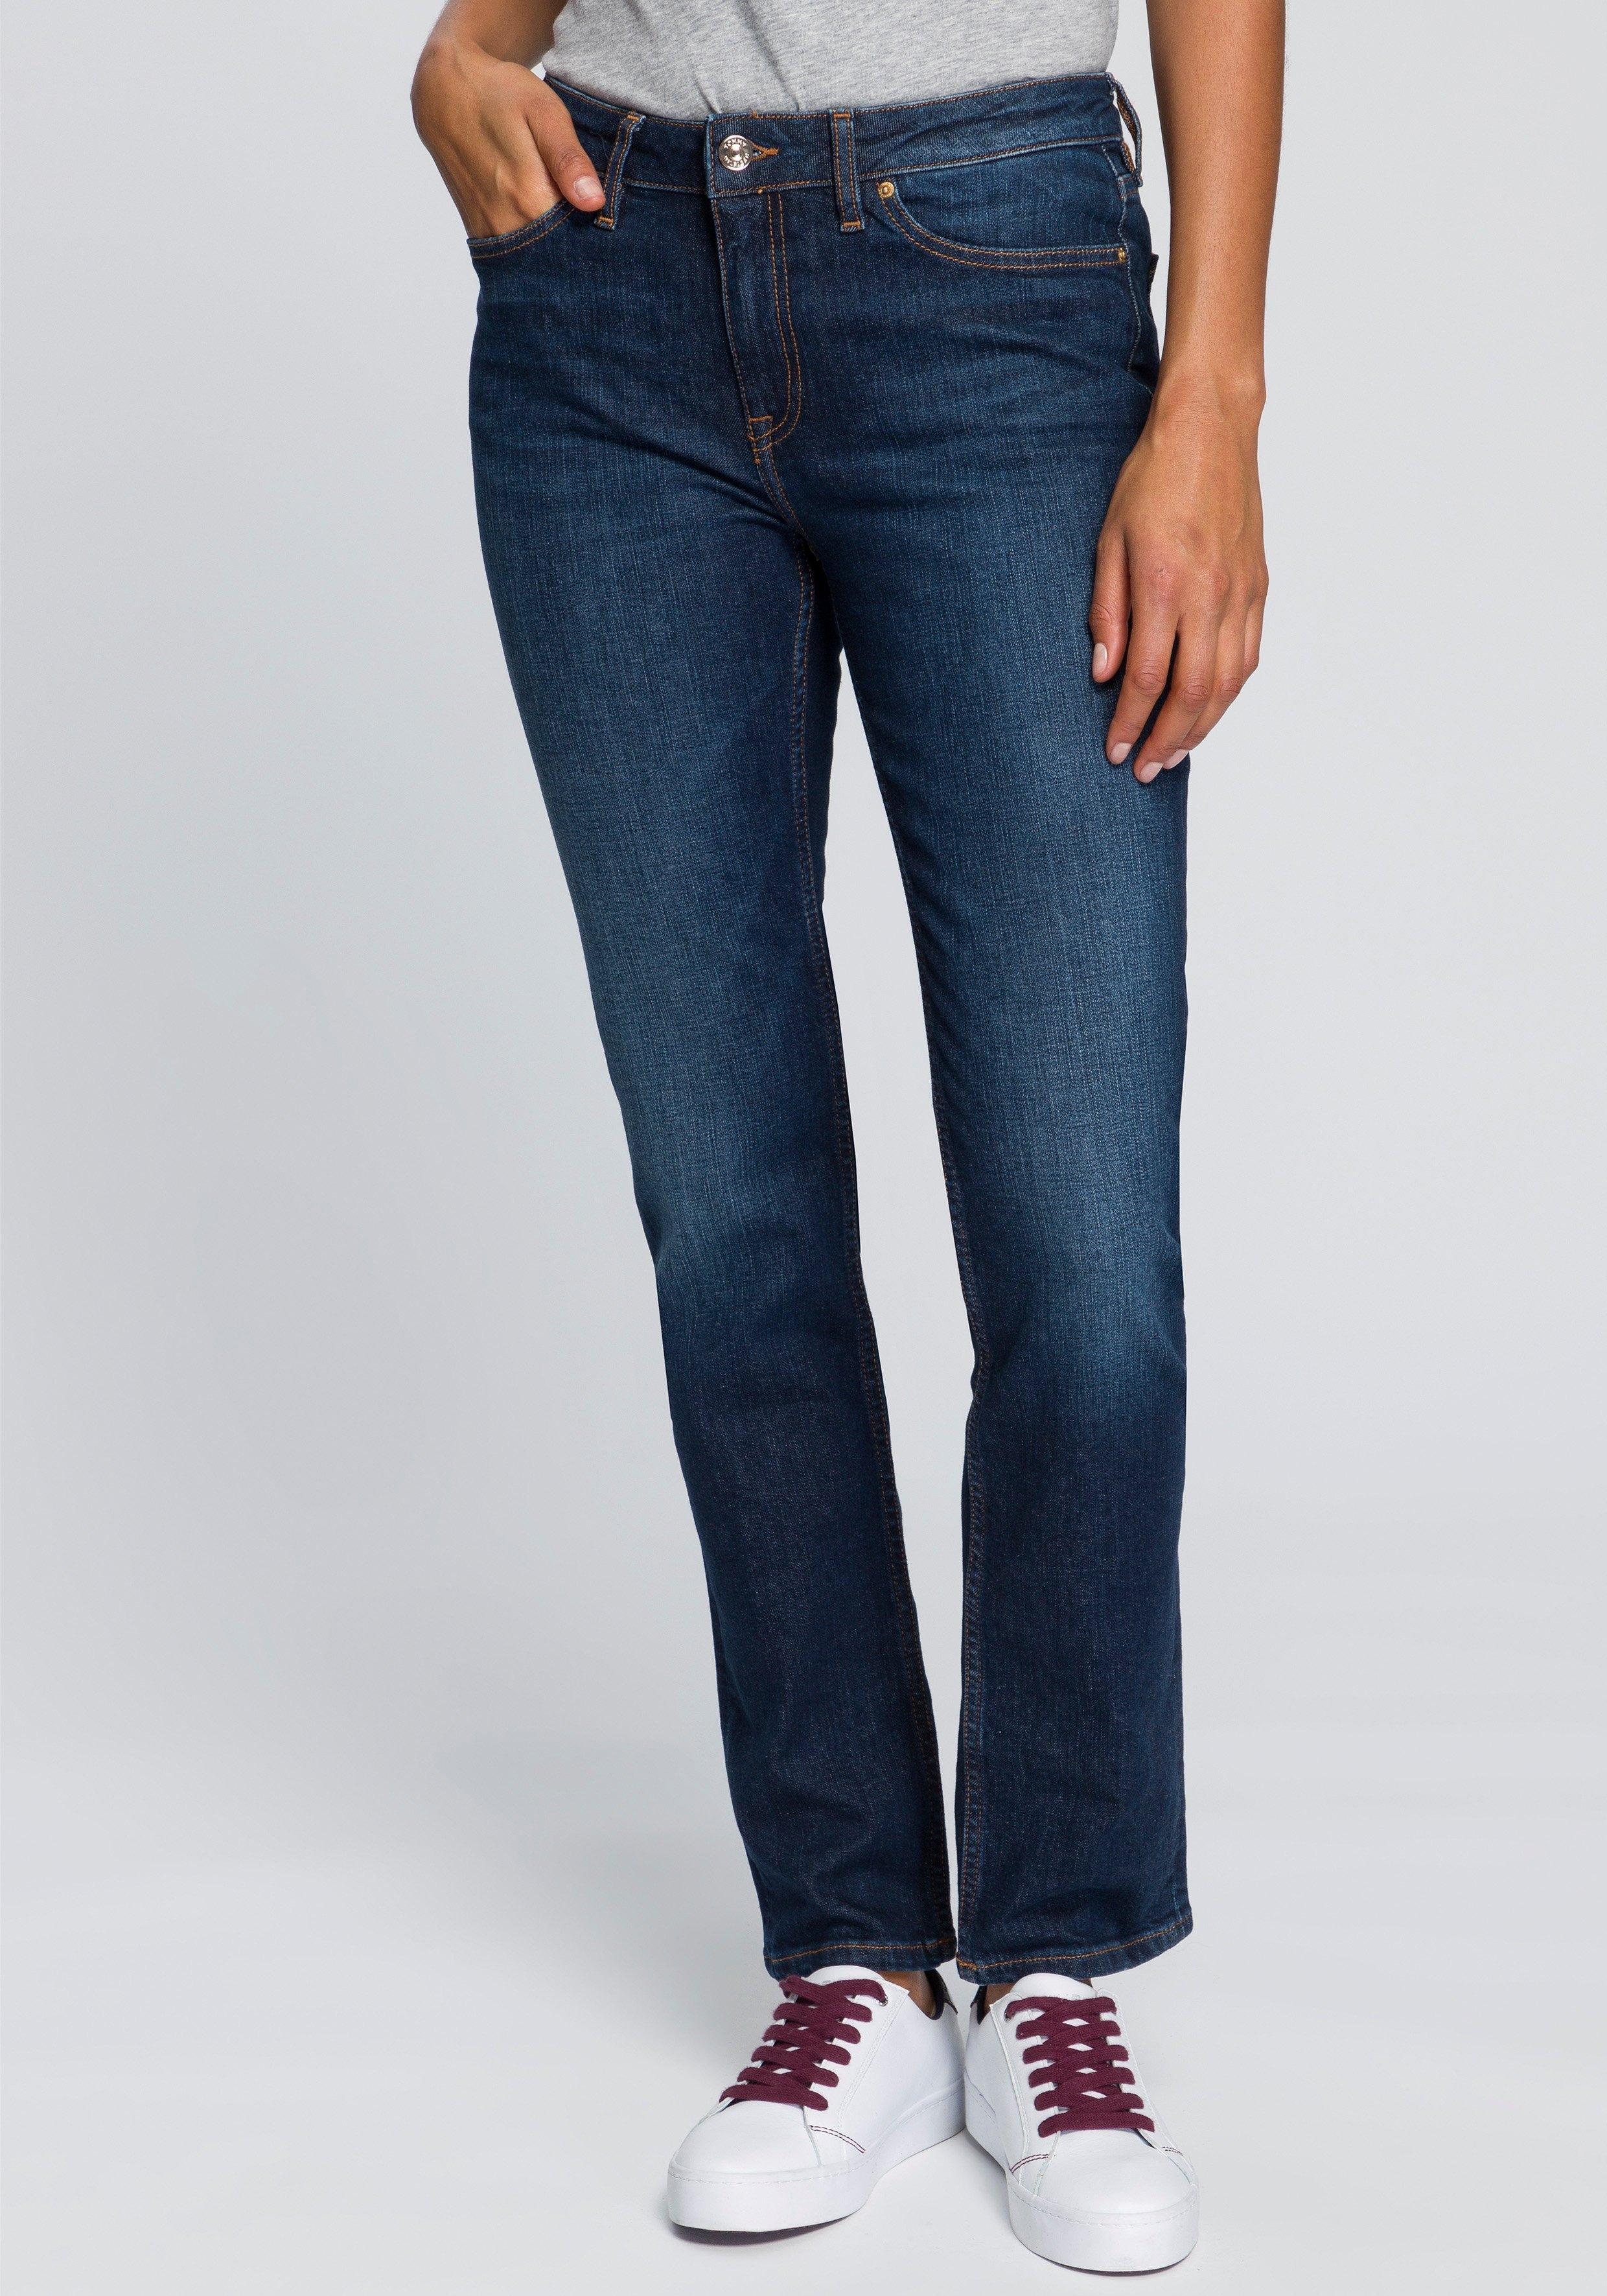 Tommy Hilfiger straight jeans HERITAGE ROME STRAIGHT RW met lichte fadeout-effecten voordelig en veilig online kopen